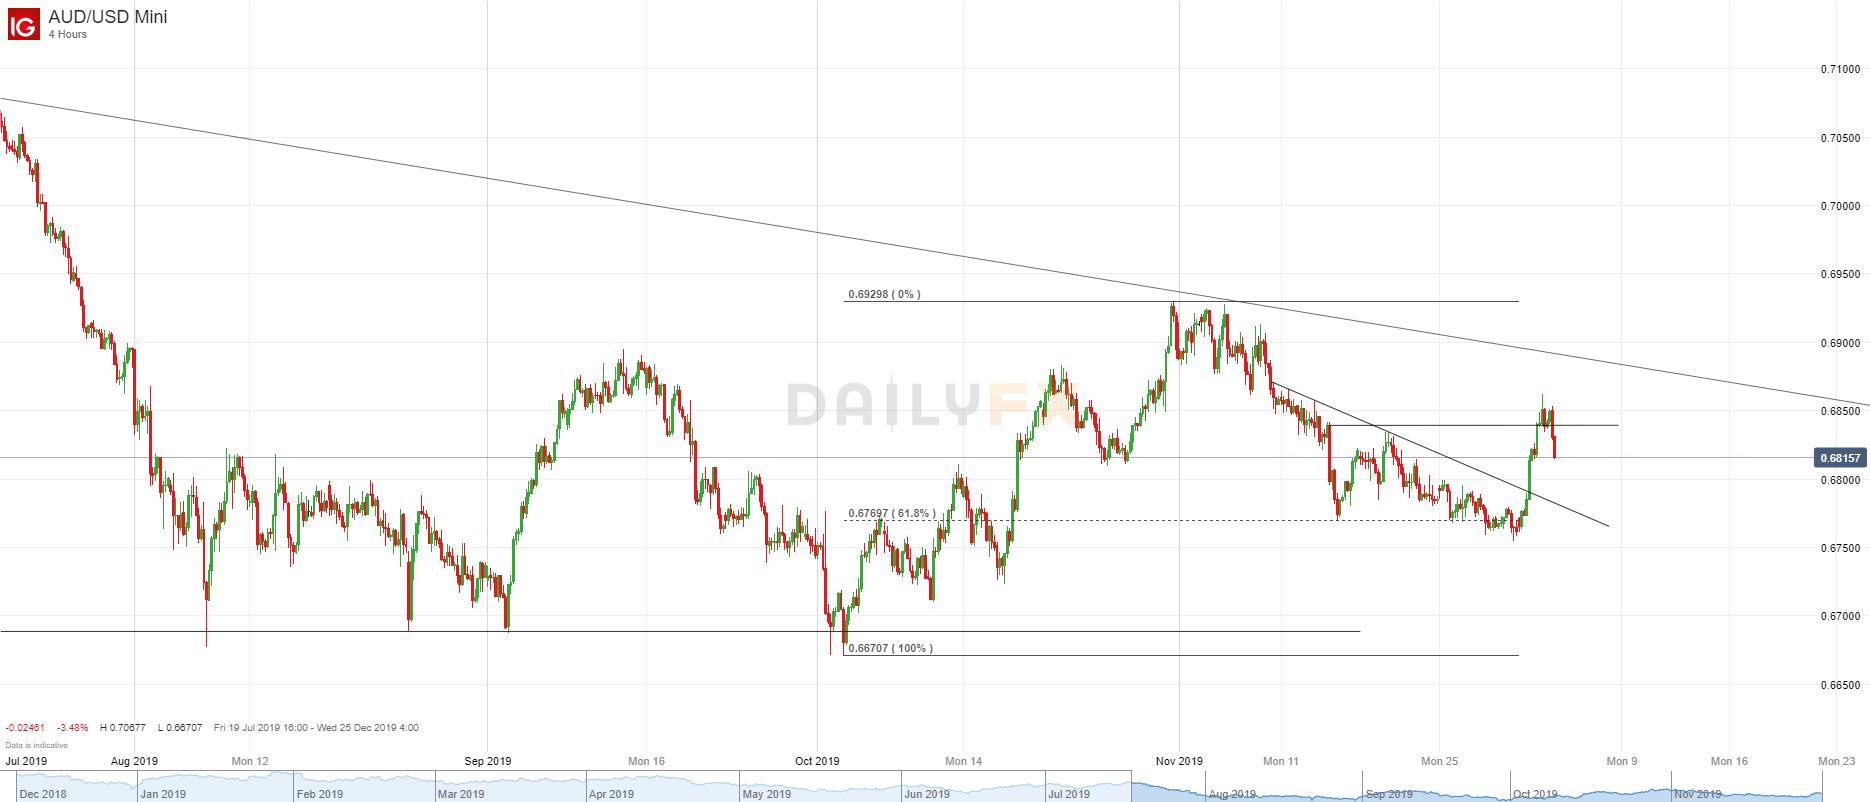 澳元/美元技術分析:回落至0.6840下方,短期方向不再明朗